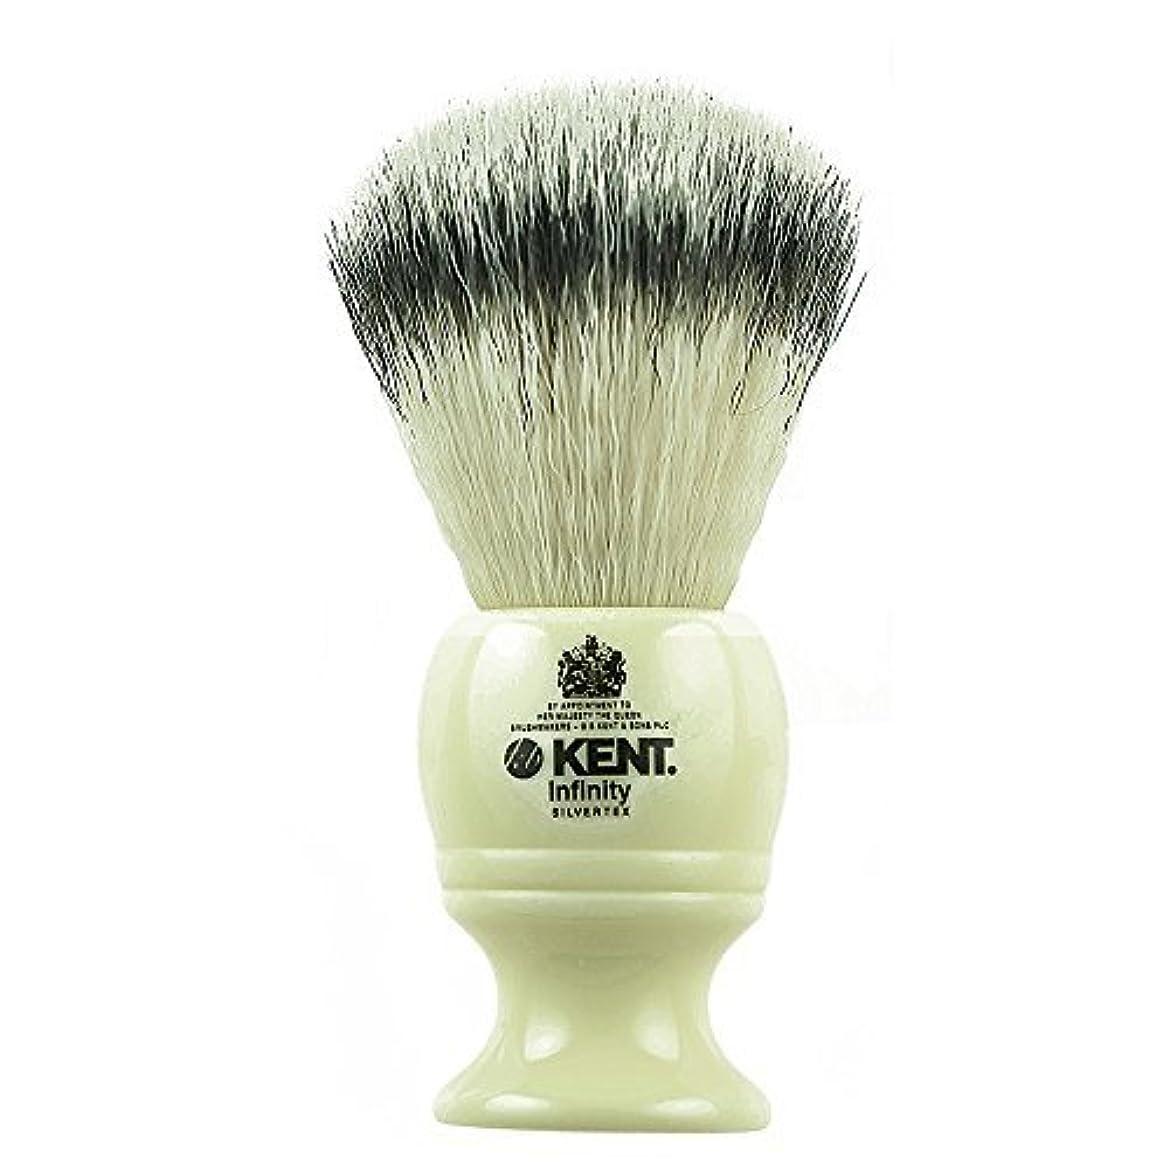 テレックストイレ継続中Kent INF1 Infinity Silvertex Soft Synthetic Bristle Shaving Brush [並行輸入品]